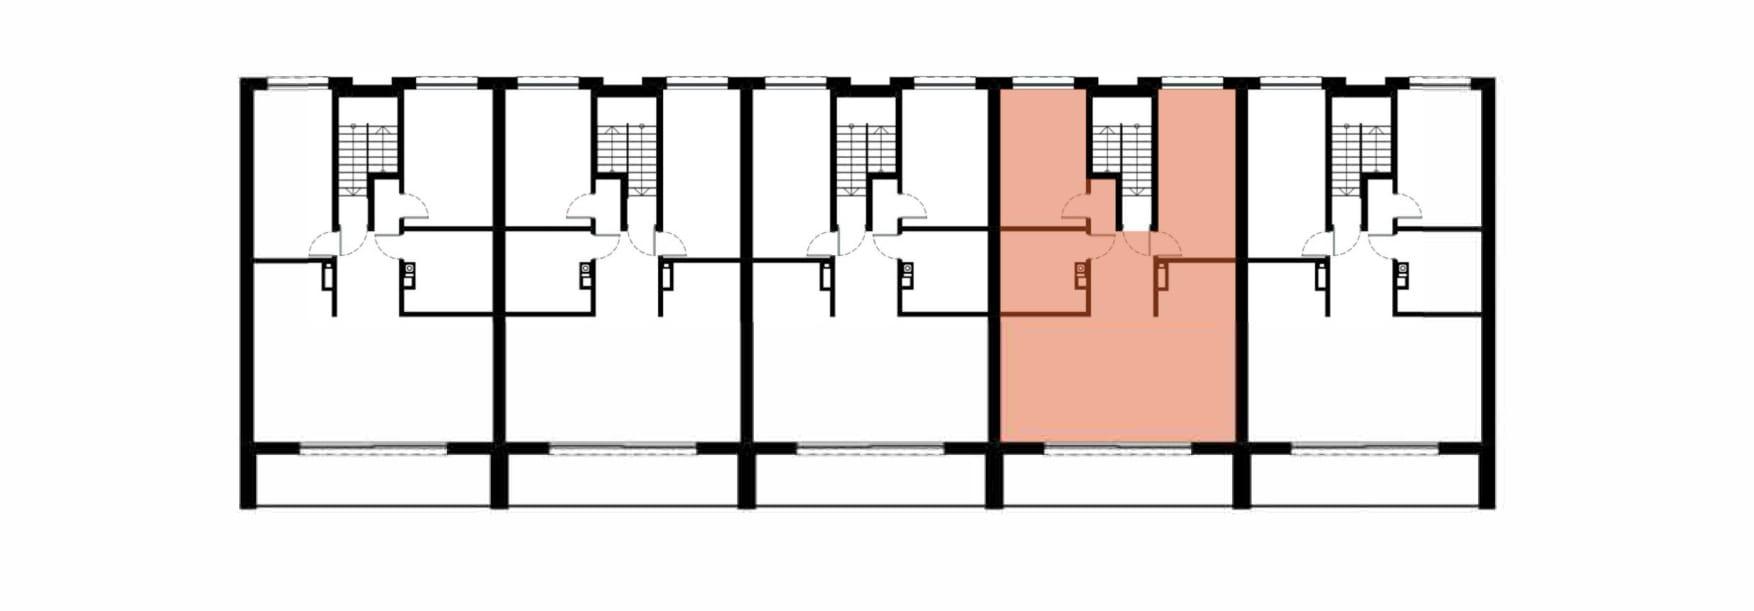 Apartamenty Kamienna / apartamenty inwestycyjne 4B rzut 2